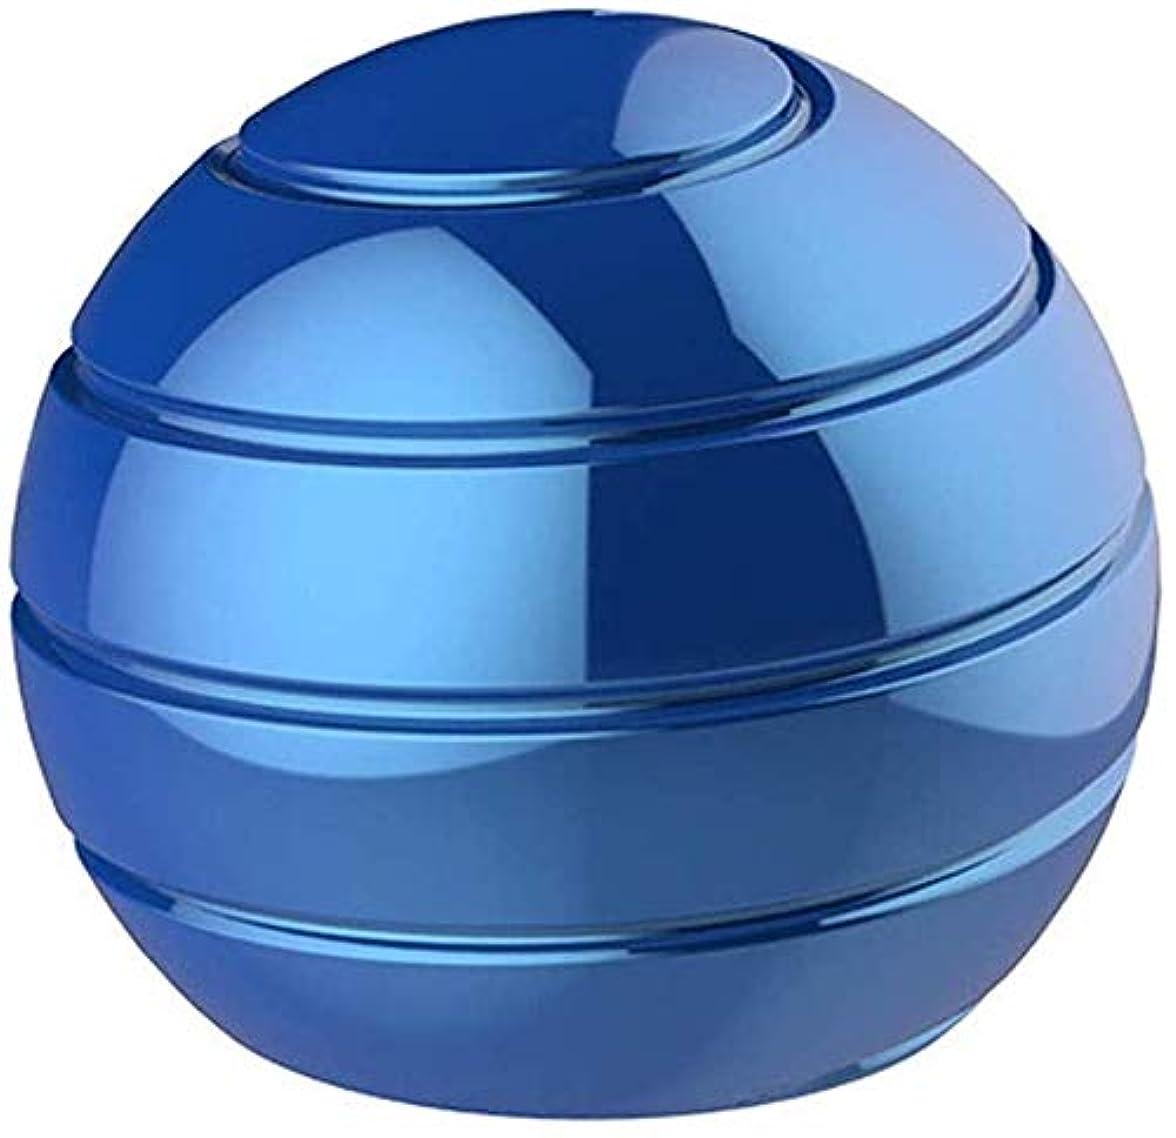 天気インタネットを見る直立赤ちゃん幼児玩具スピニングトップス完全に逆アセンブル回転テーブルボール指先ジャイロ解凍玩具 (Blue)